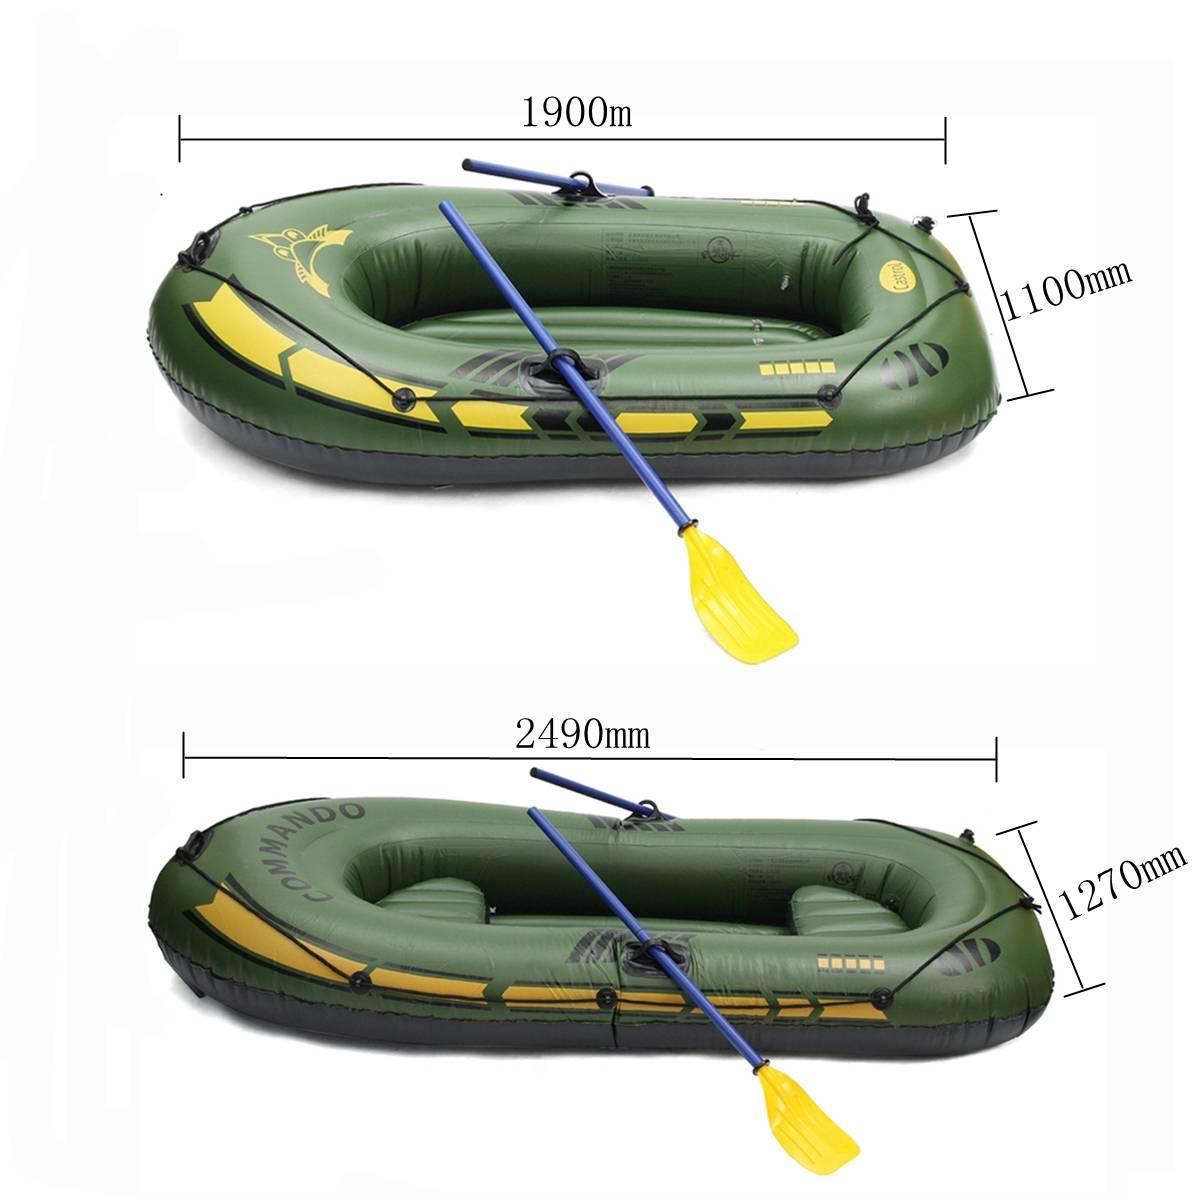 Топ-10 лучших лодок для рыбалки